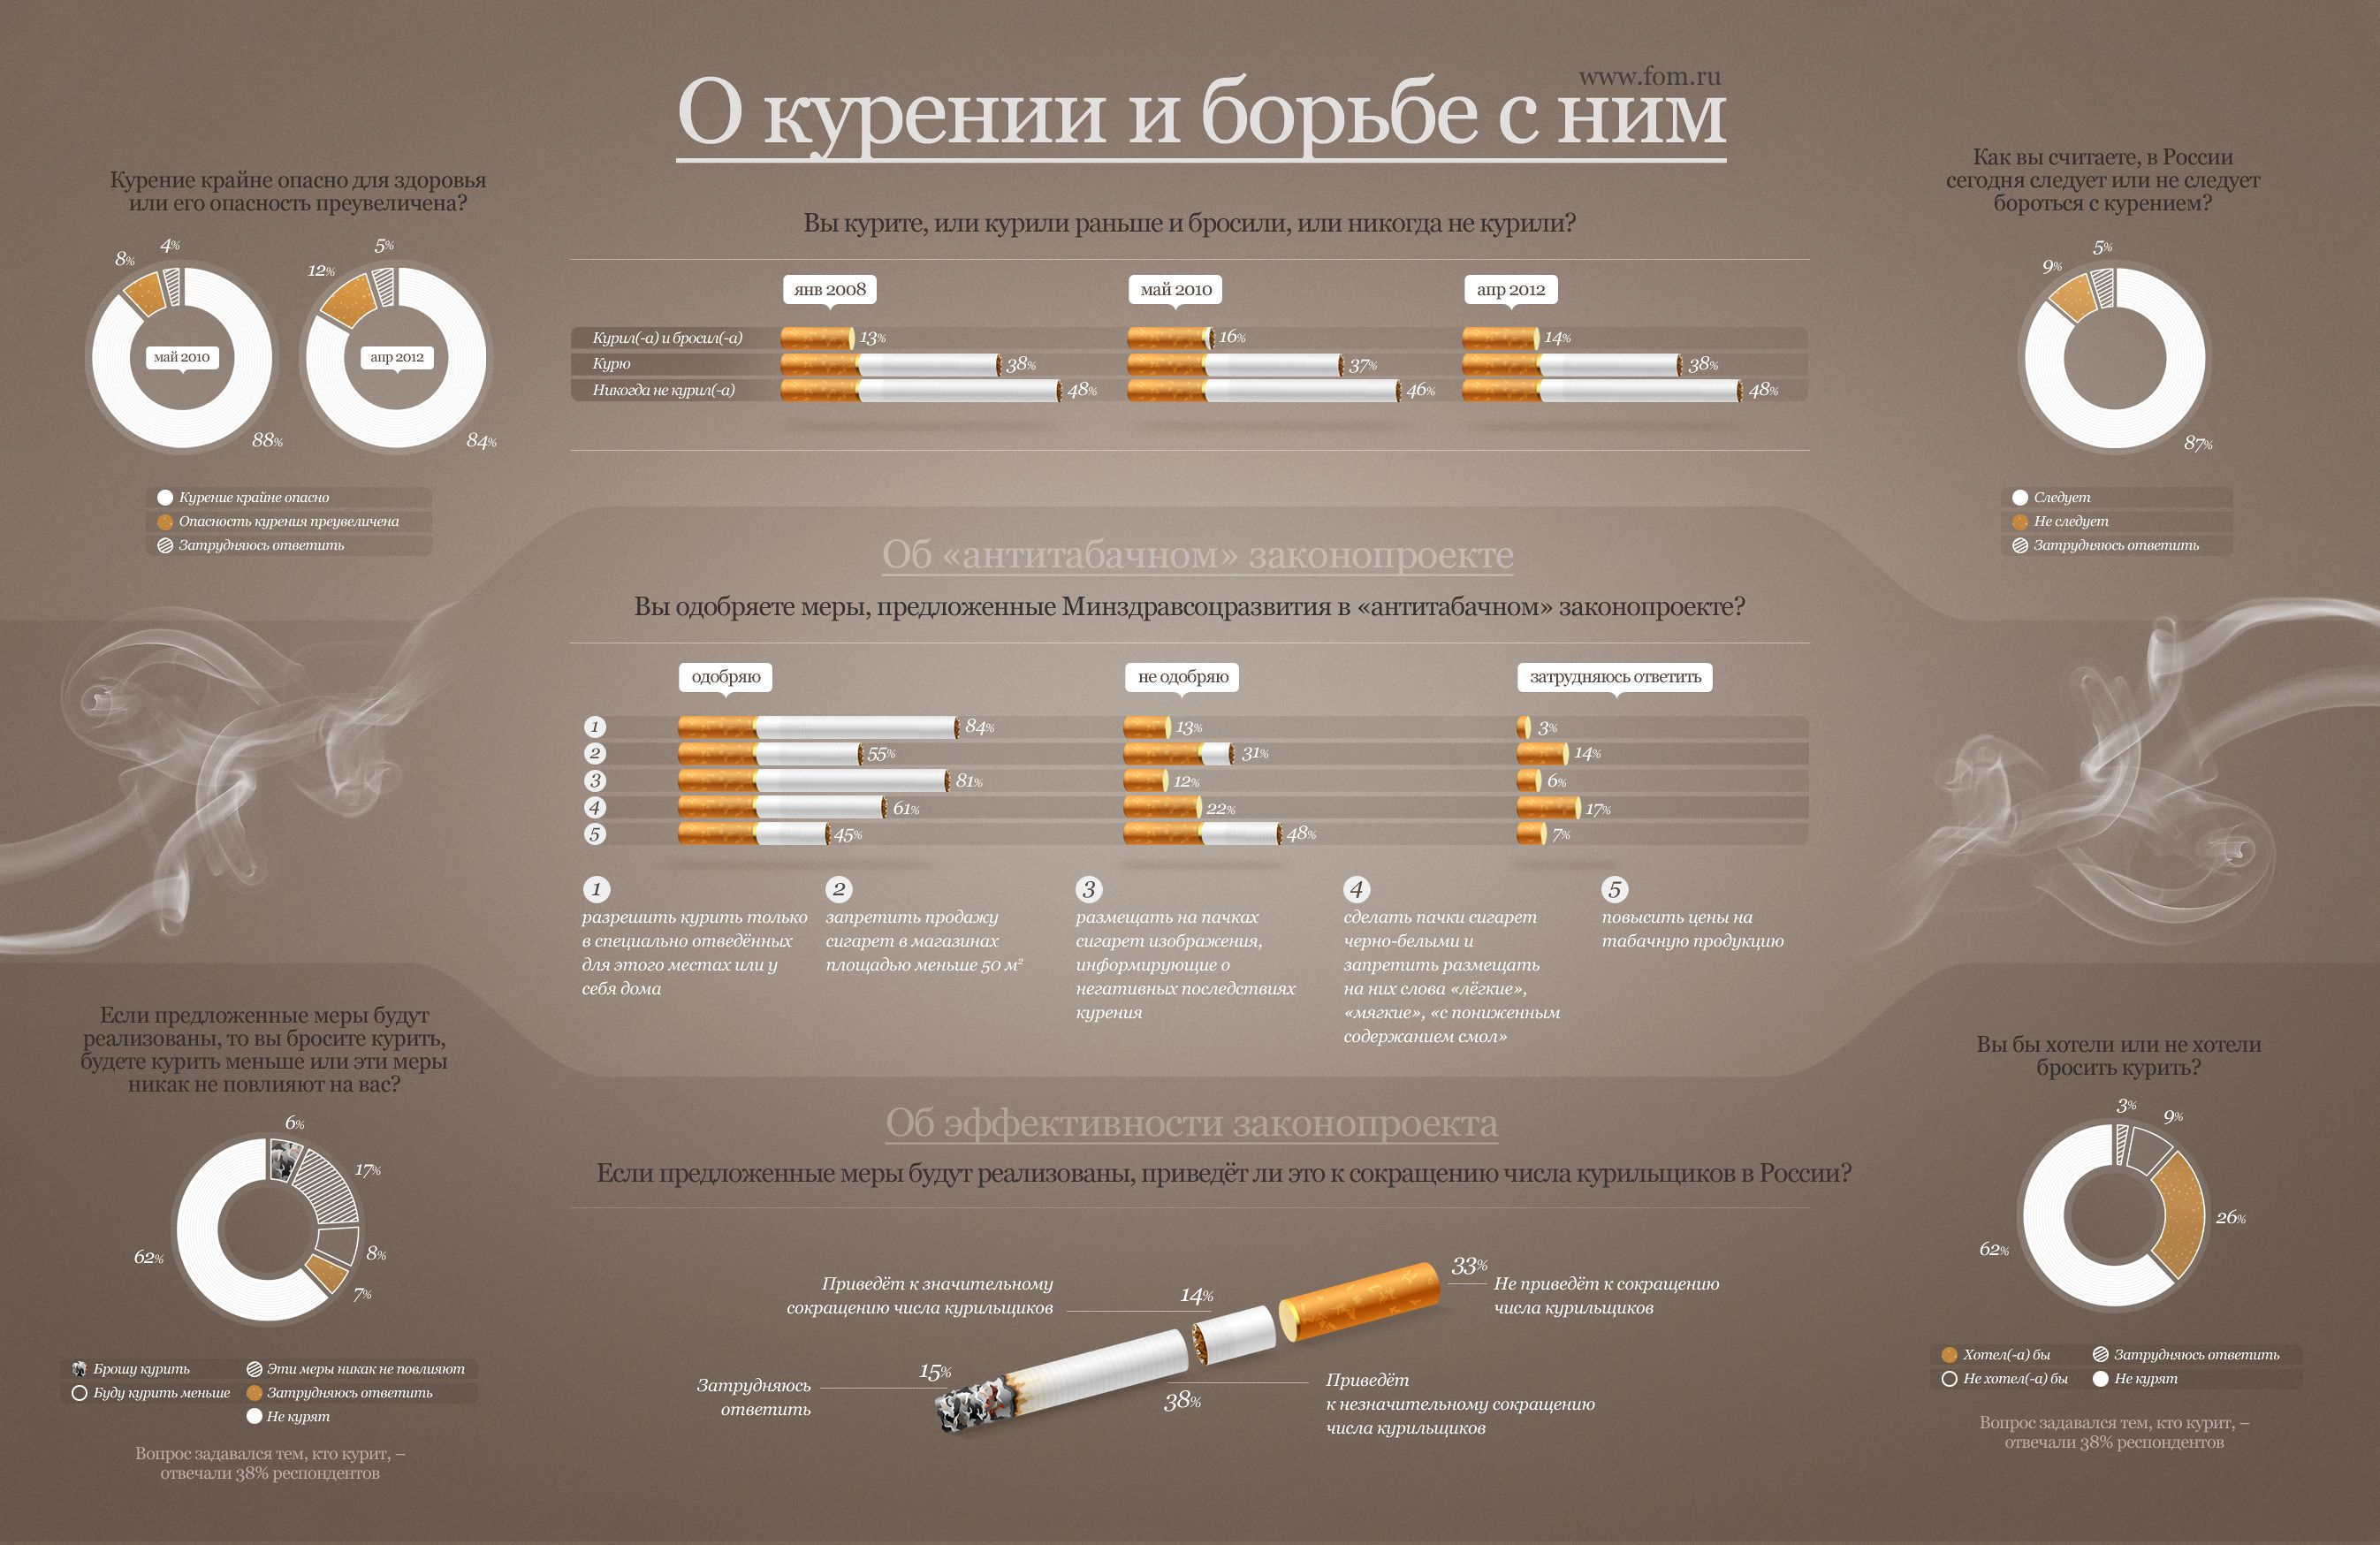 О курении и борьбе с ним